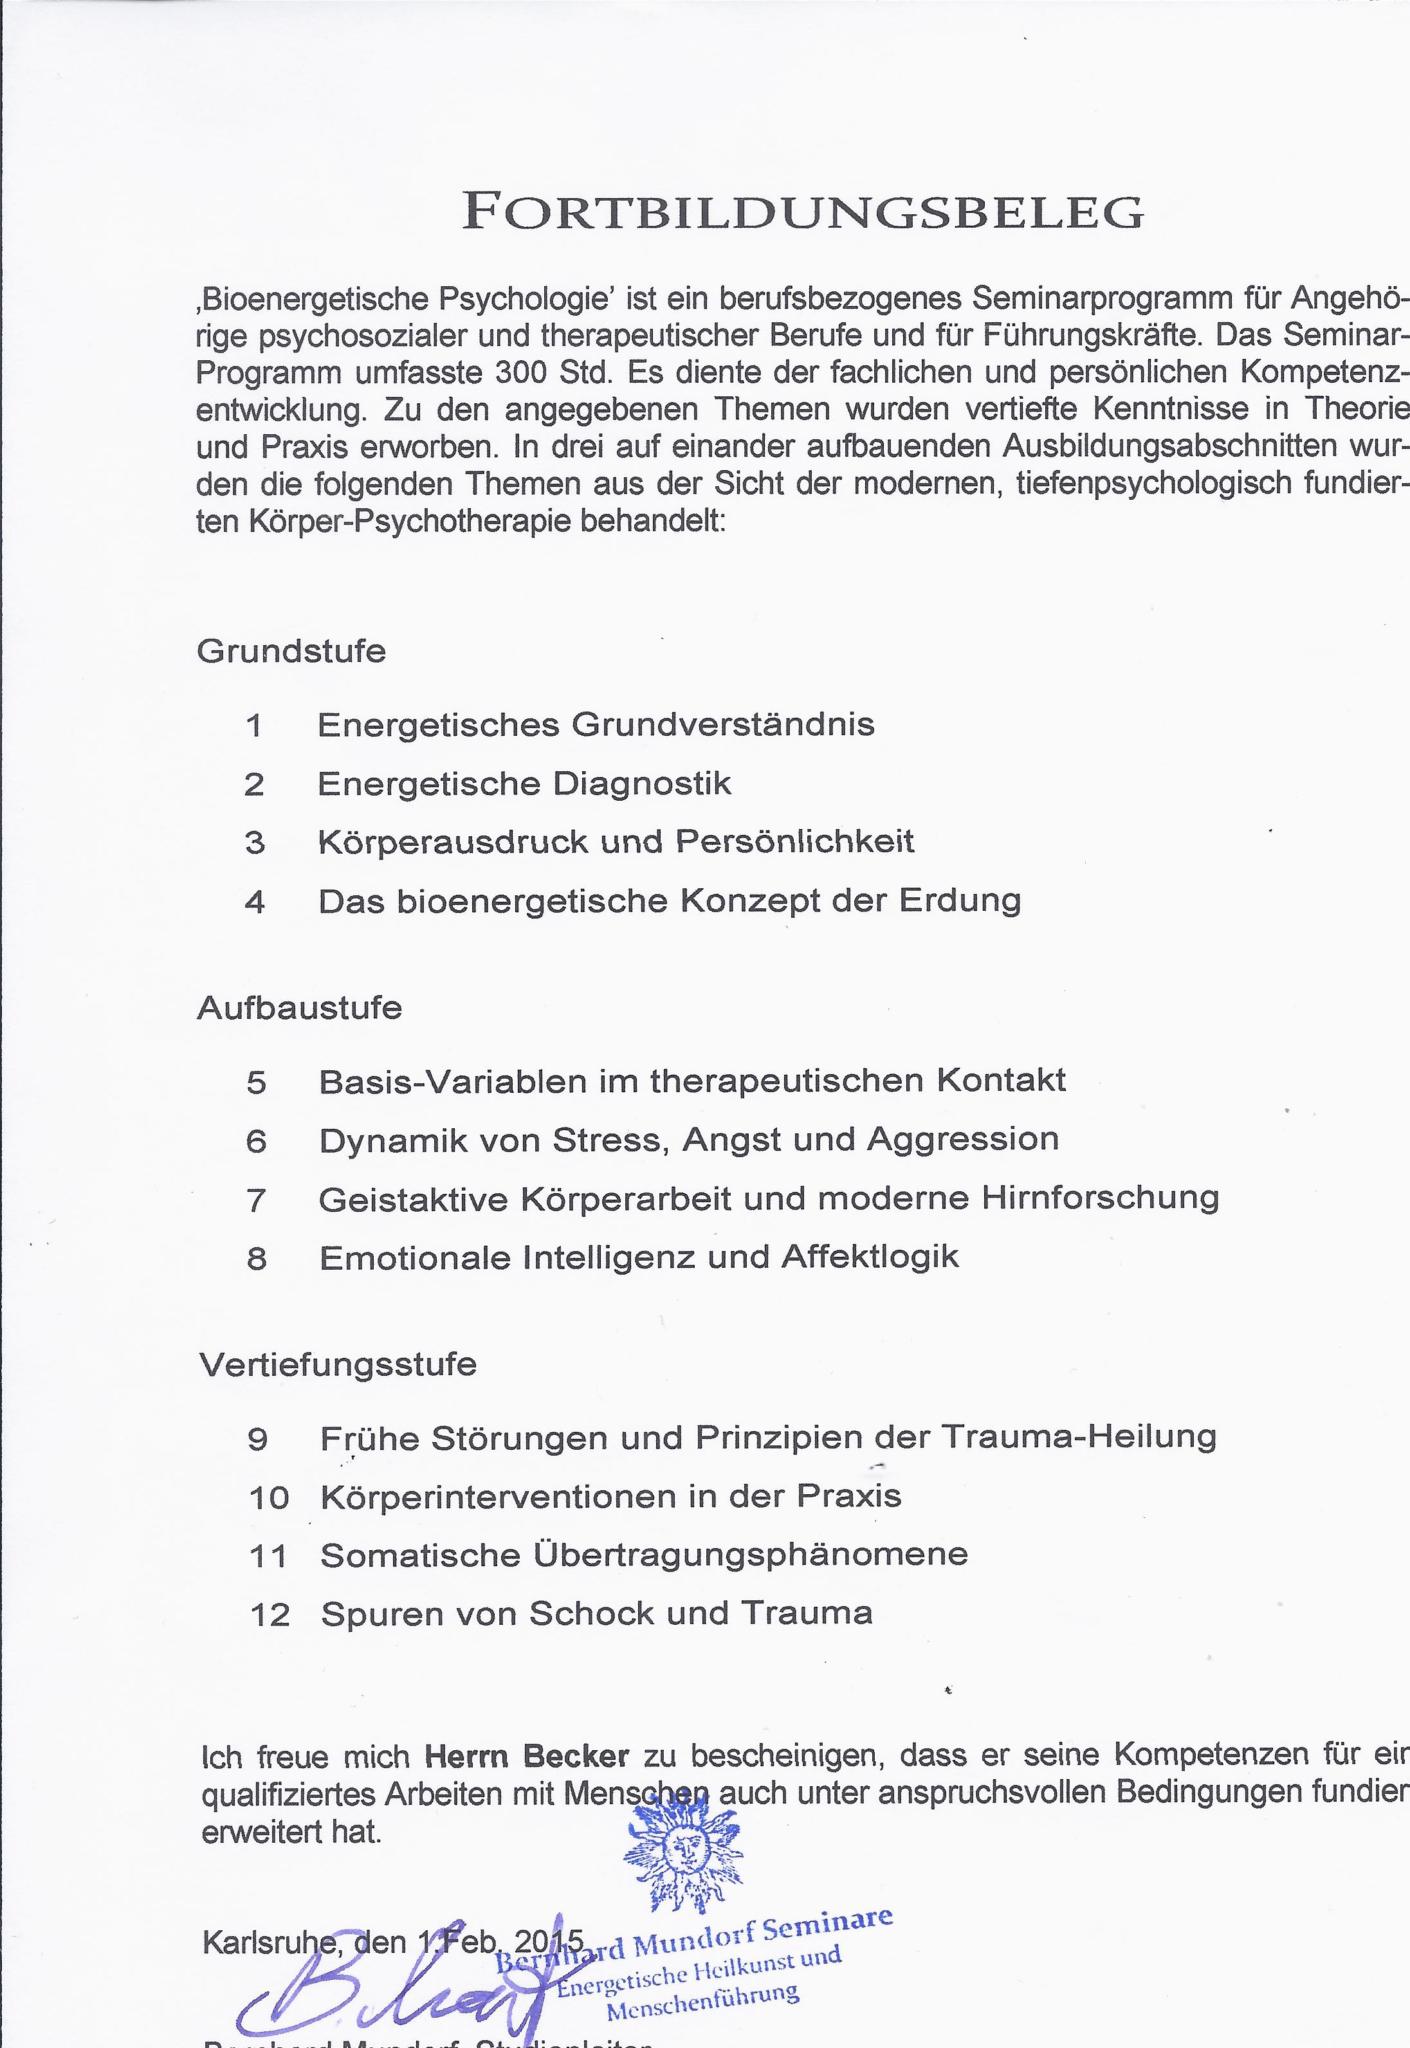 Osteopathie Becker Fortbildungsbeleg